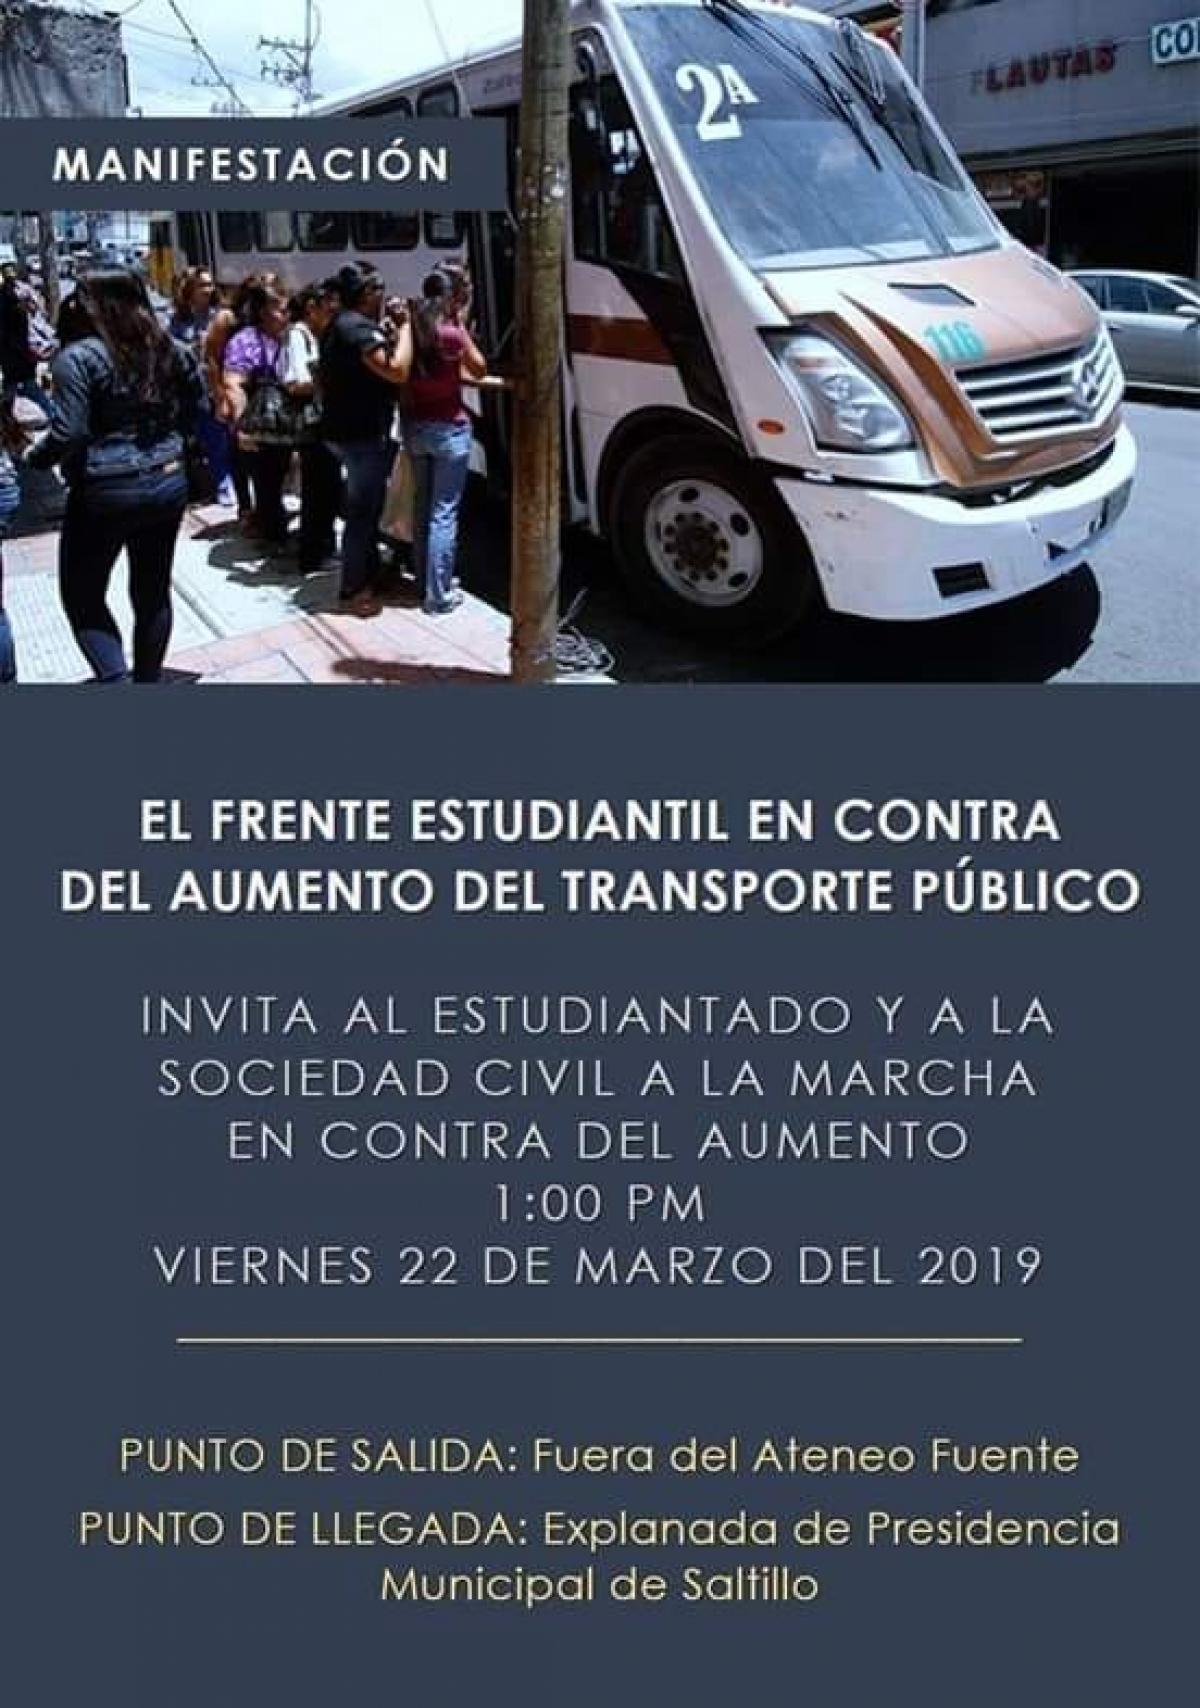 Protestarán por aumento de transporte